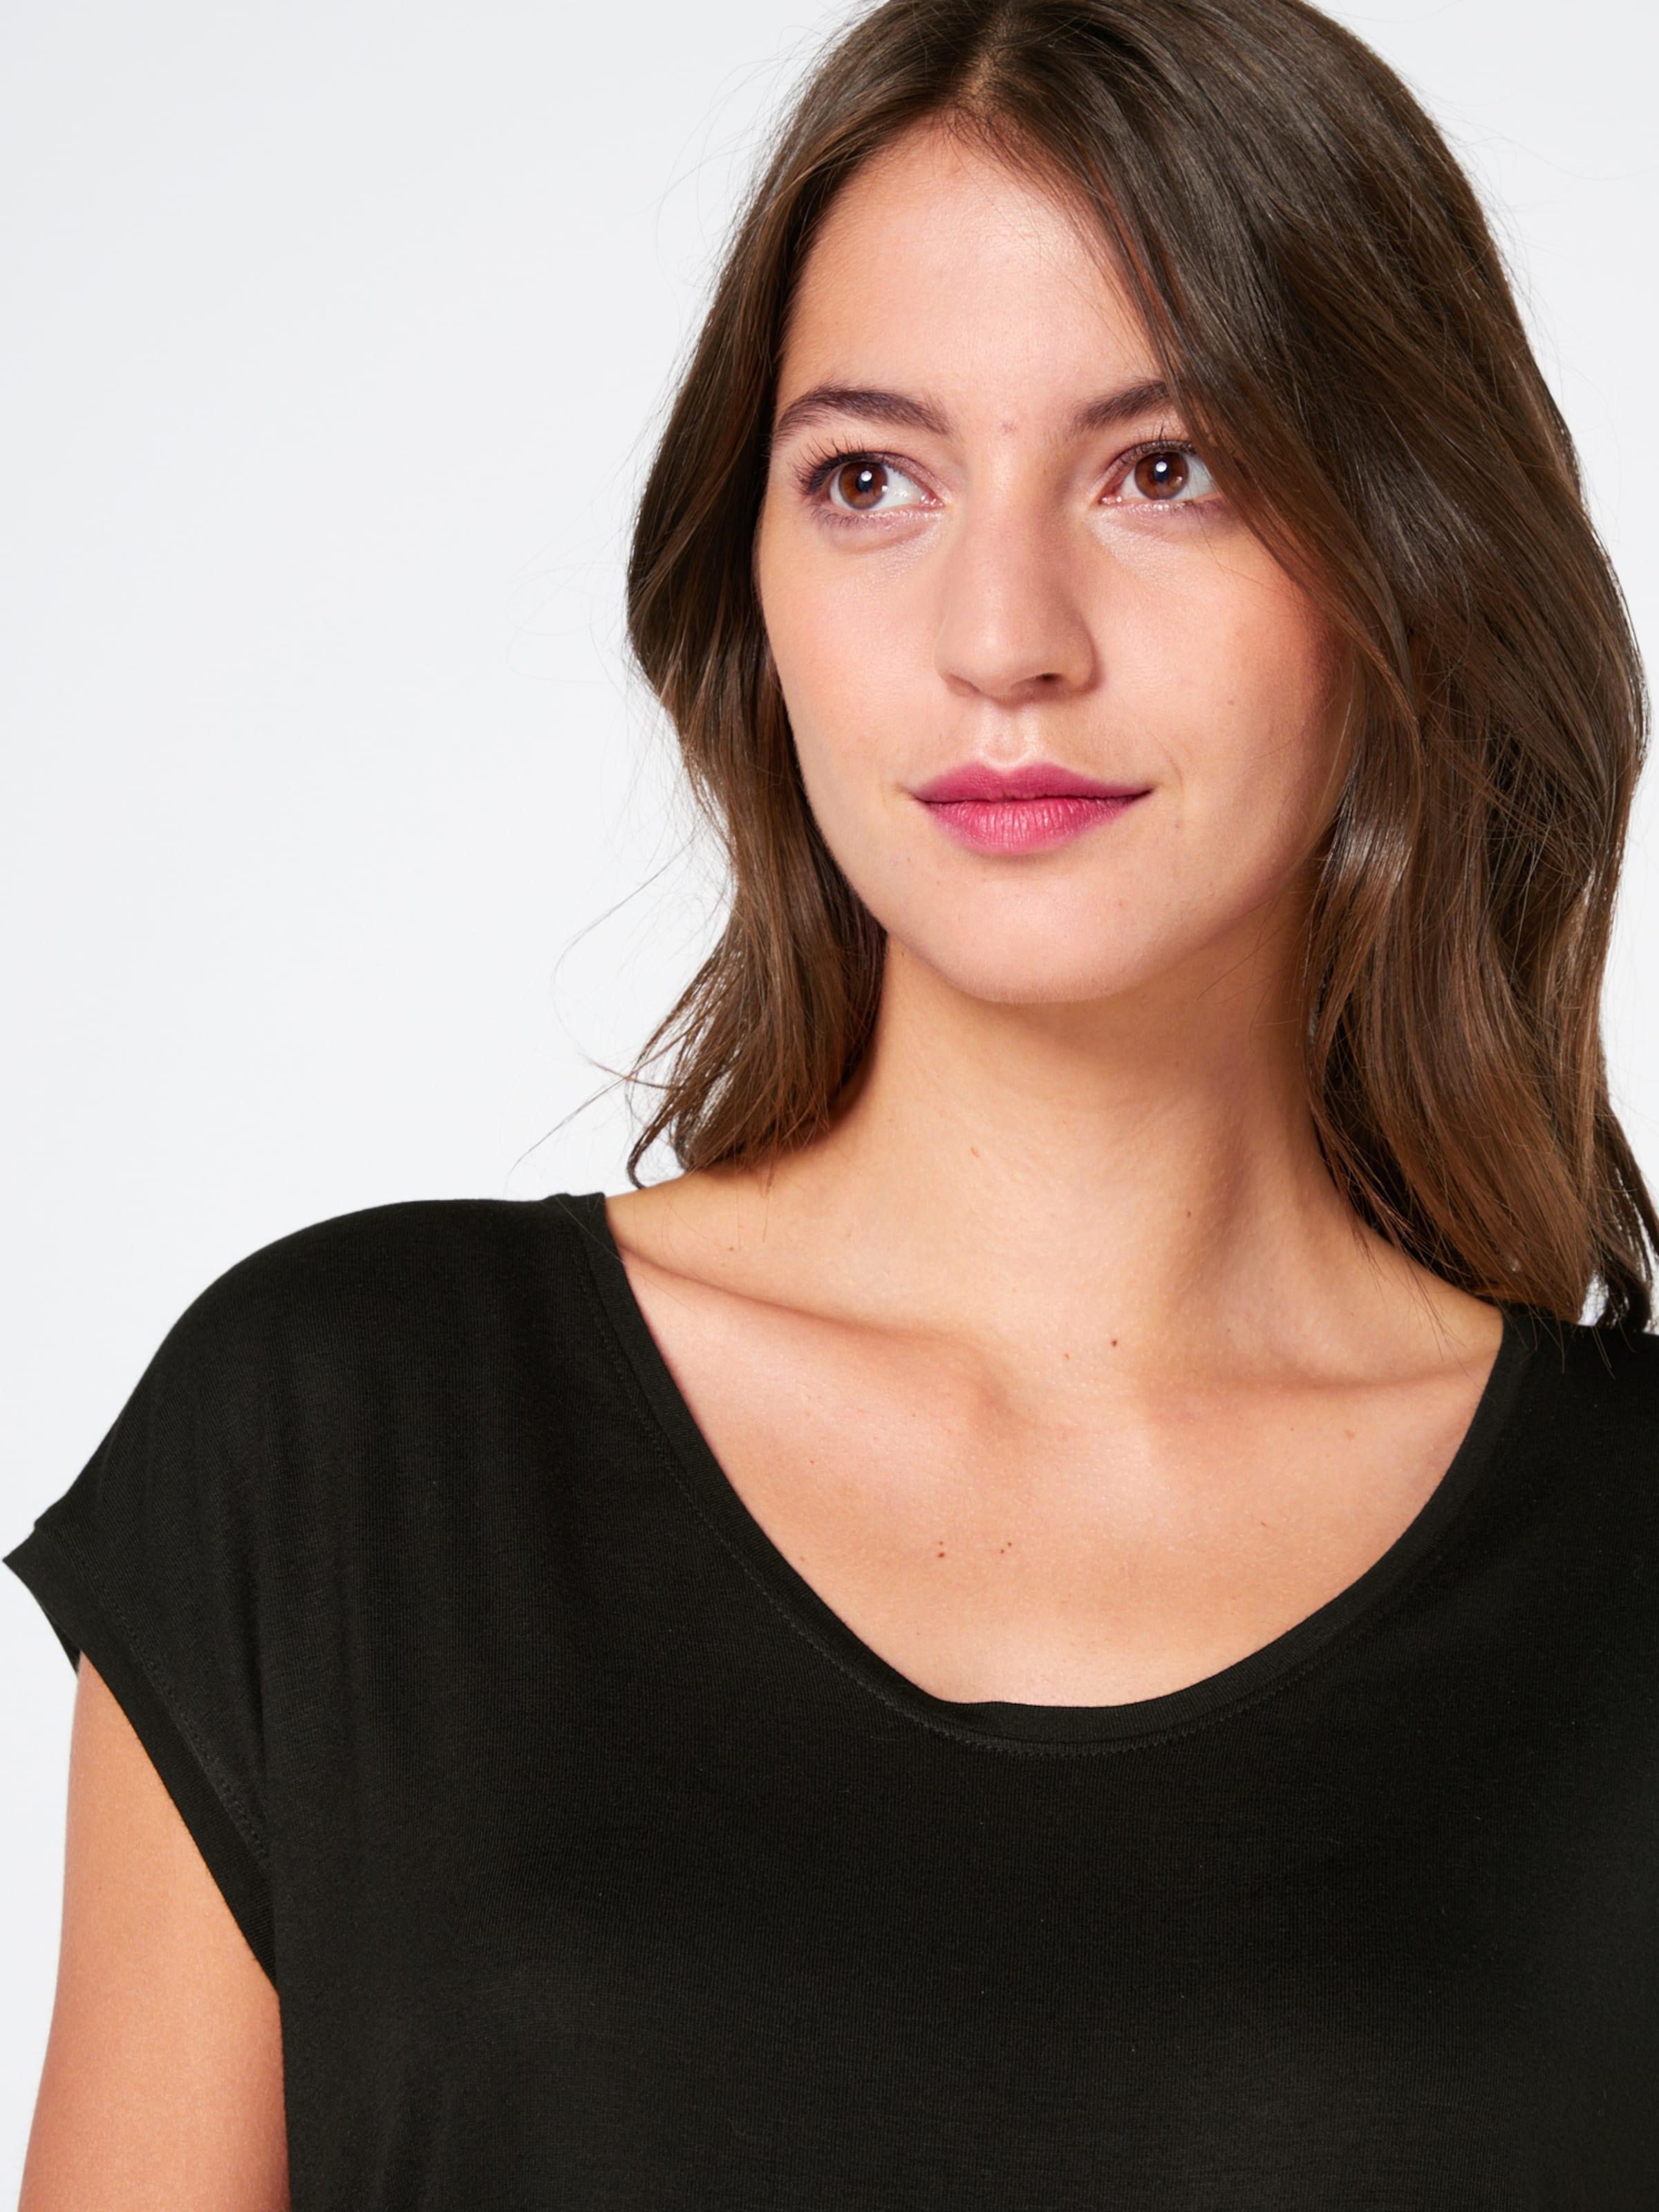 Footlocker Bilder Verkauf Online Kostenloser Versand Zu Kaufen PIECES Ärmelloses T-Shirt 'Billo' LQtIDhpwU